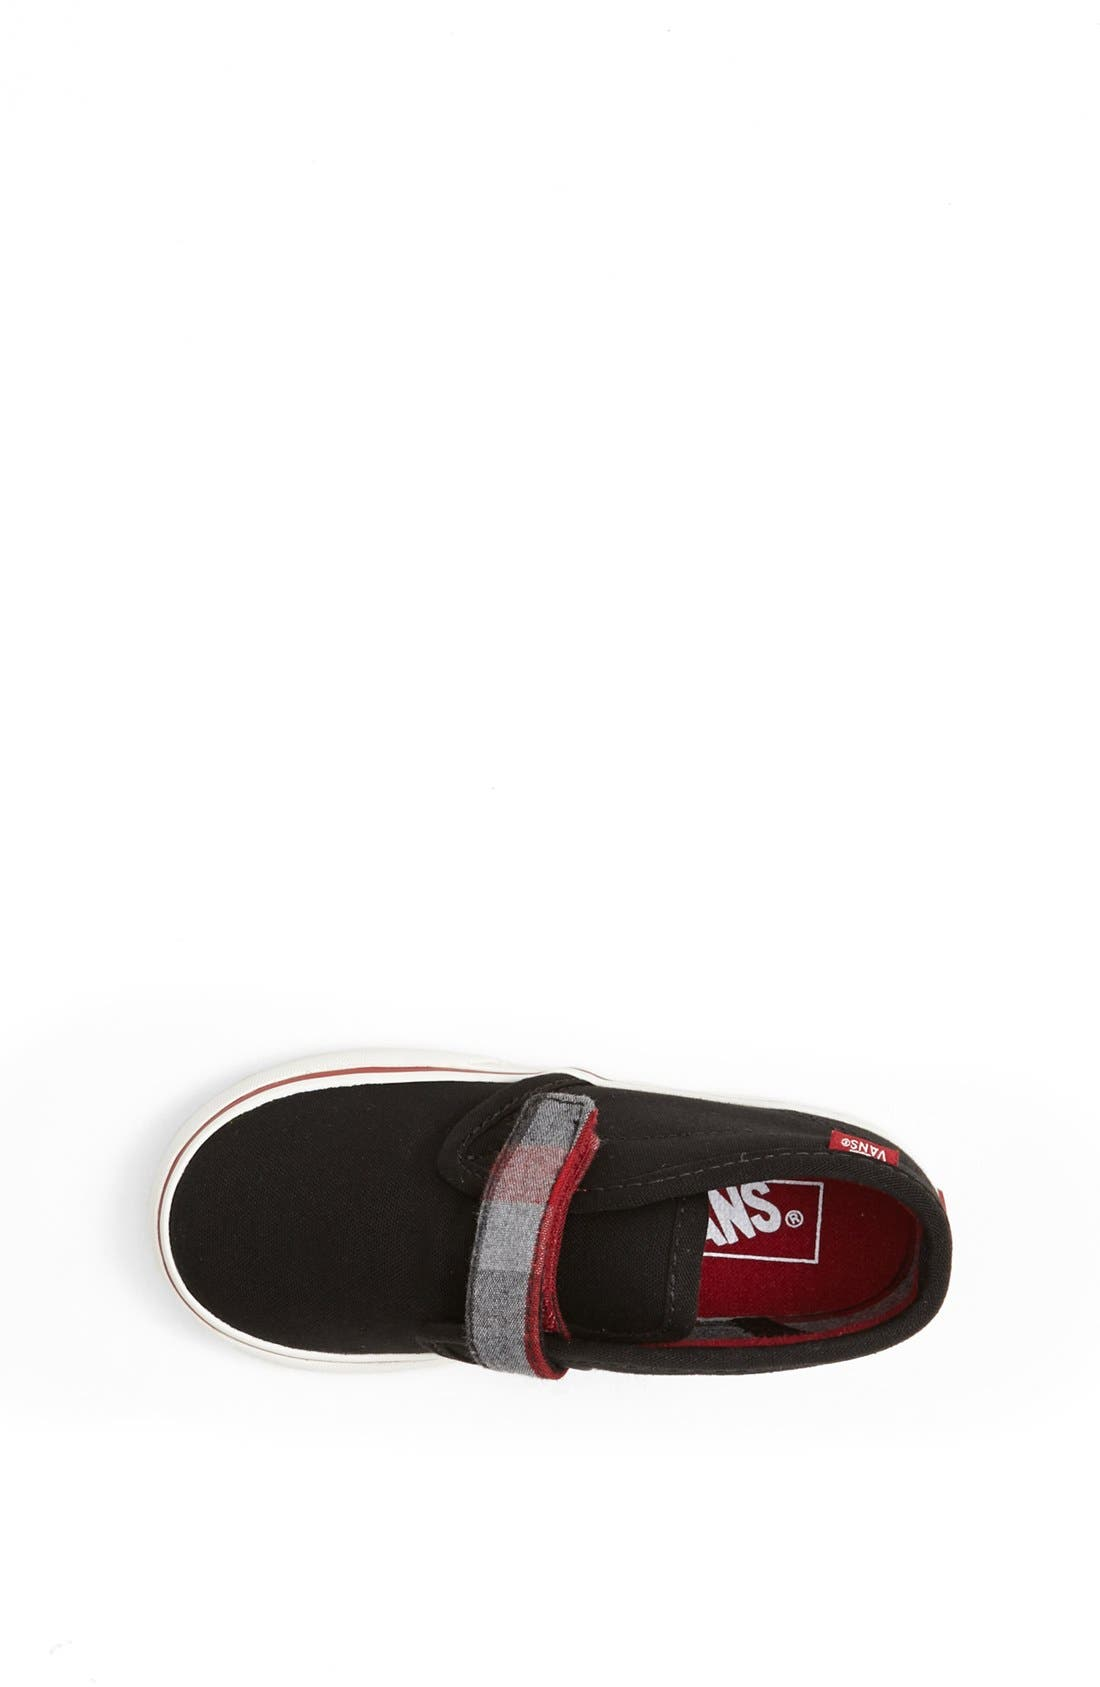 Alternate Image 3  - Vans Chukka Sneaker (Baby, Walker & Toddler)